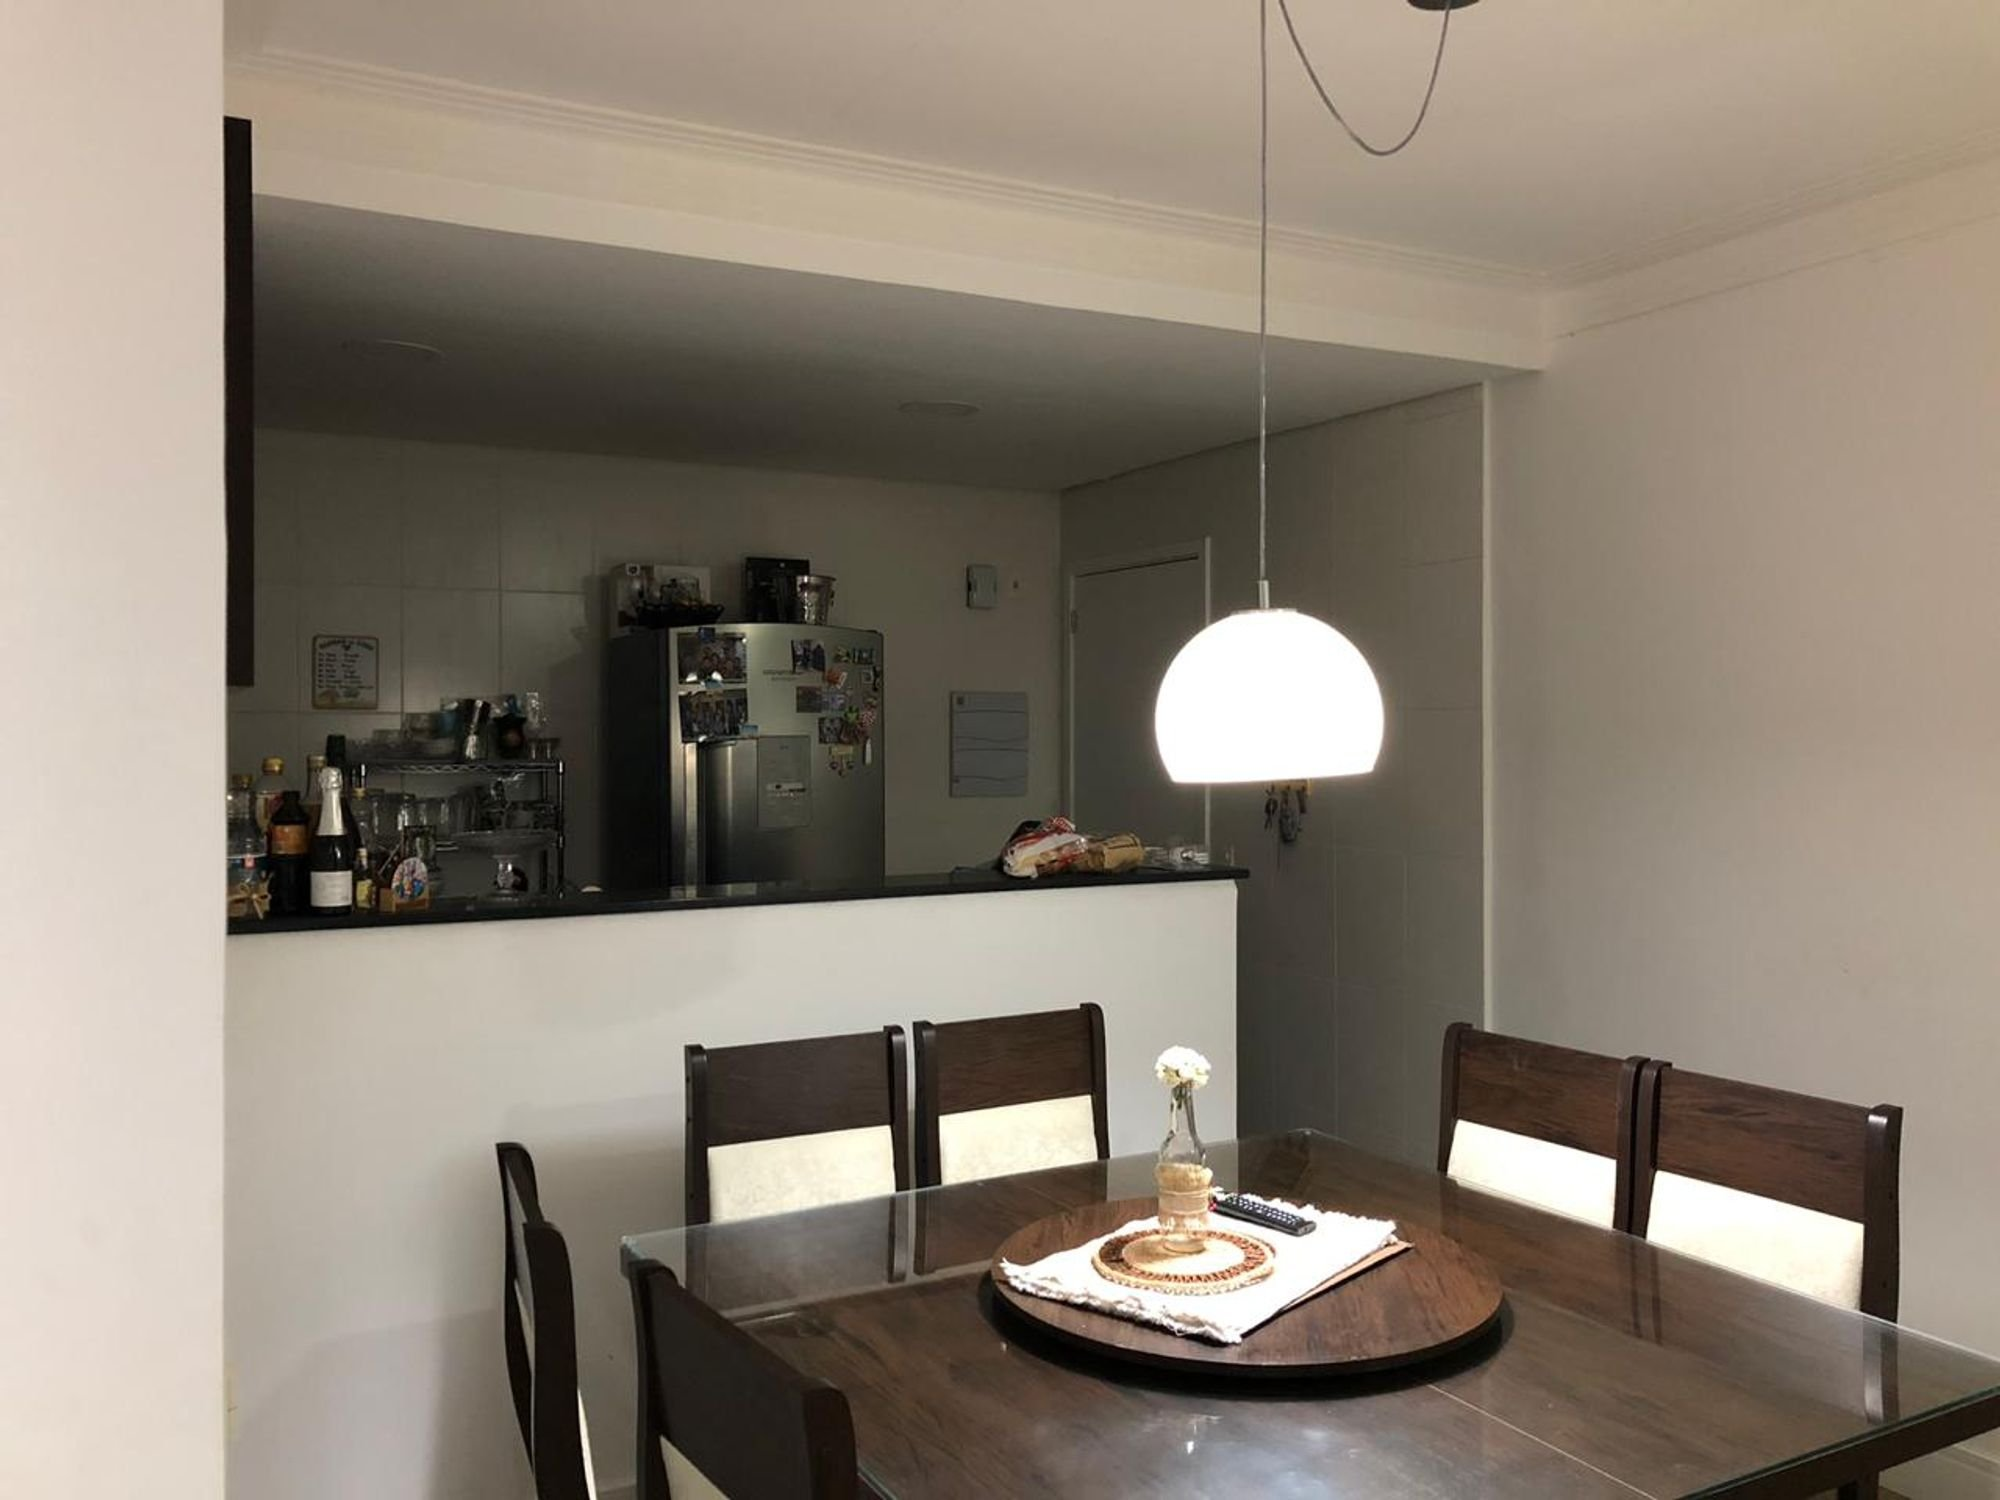 Foto de Sala com garrafa, geladeira, cadeira, mesa de jantar